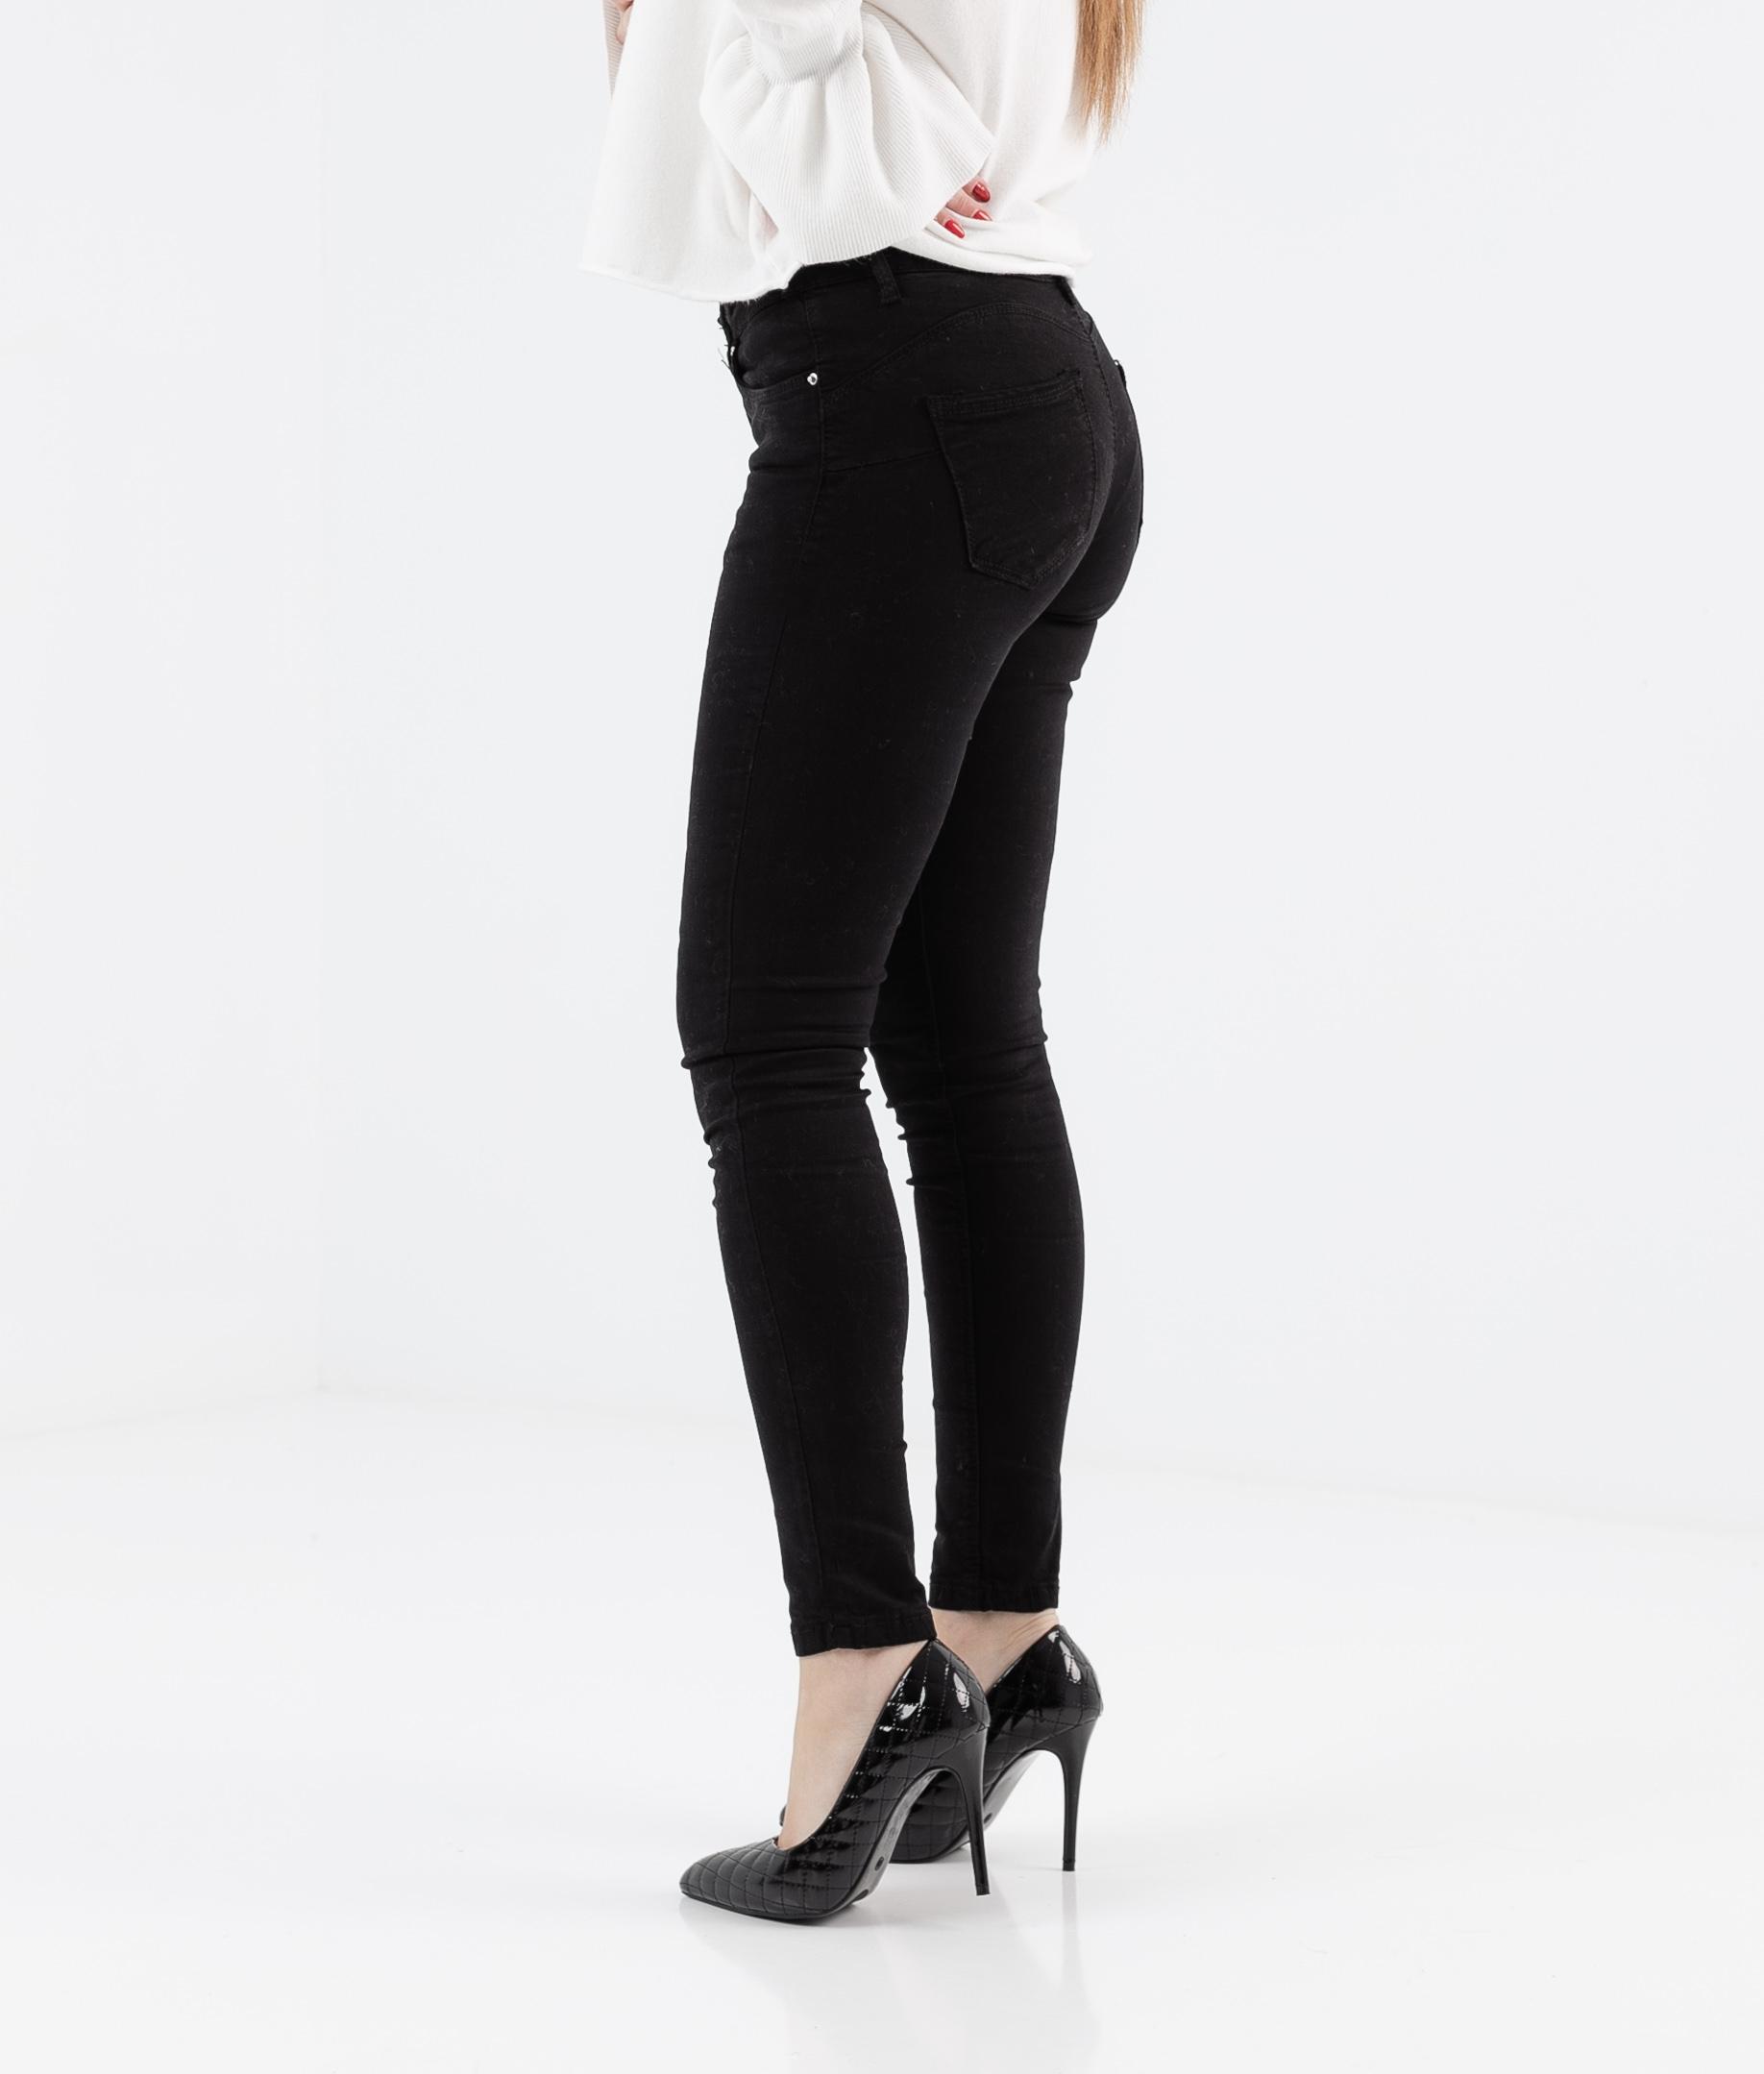 Pantalón Aine - Black